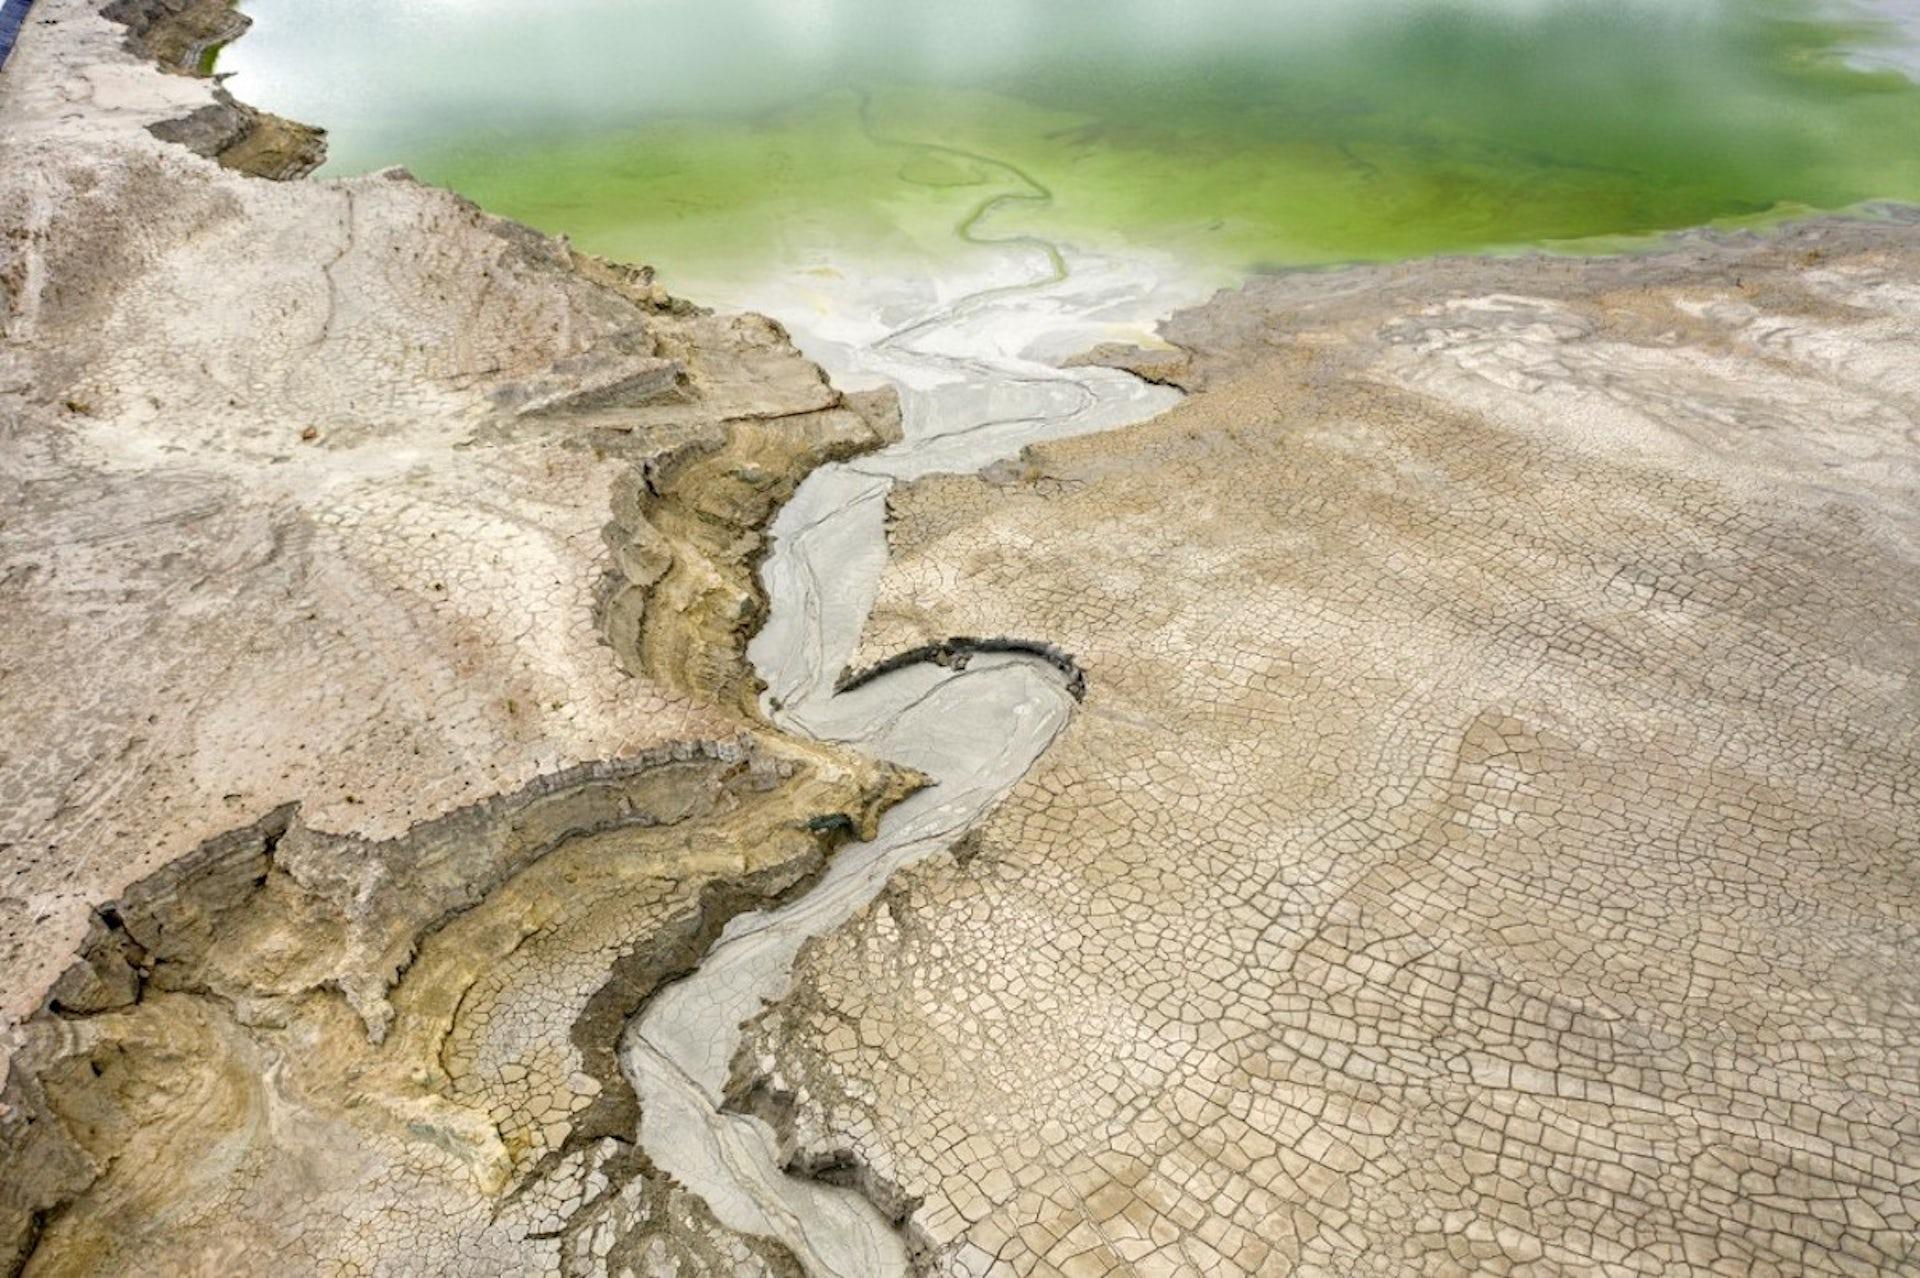 Les pressions sur l'eau, face ignorée de la transition énergétique